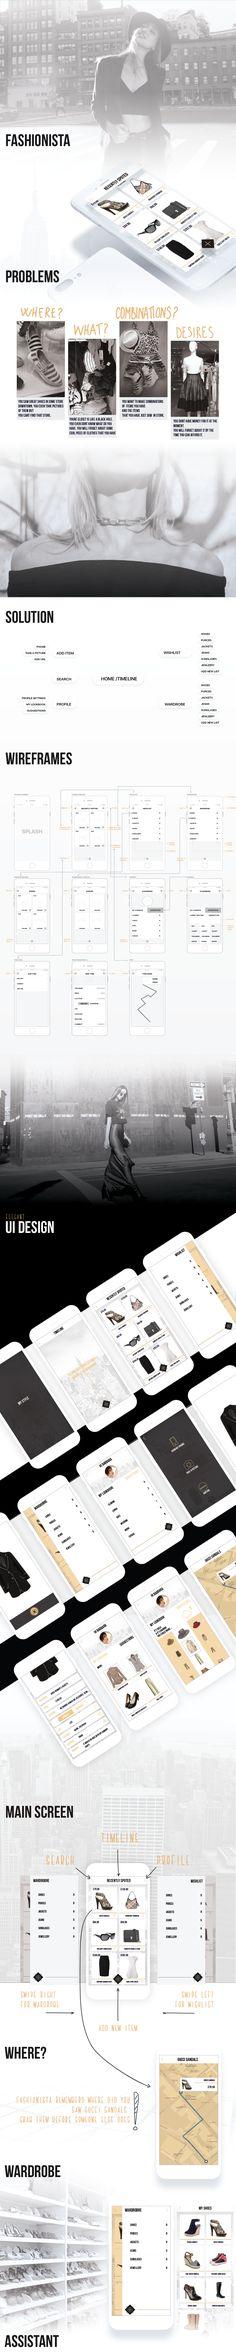 다음 @Behance 프로젝트 확인: \u201cFASHIONISTA - Personal Stylist and Assistant - iOS App\u201d https://www.behance.net/gallery/50230623/FASHIONISTA-Personal-Stylist-and-Assistant-iOS-App